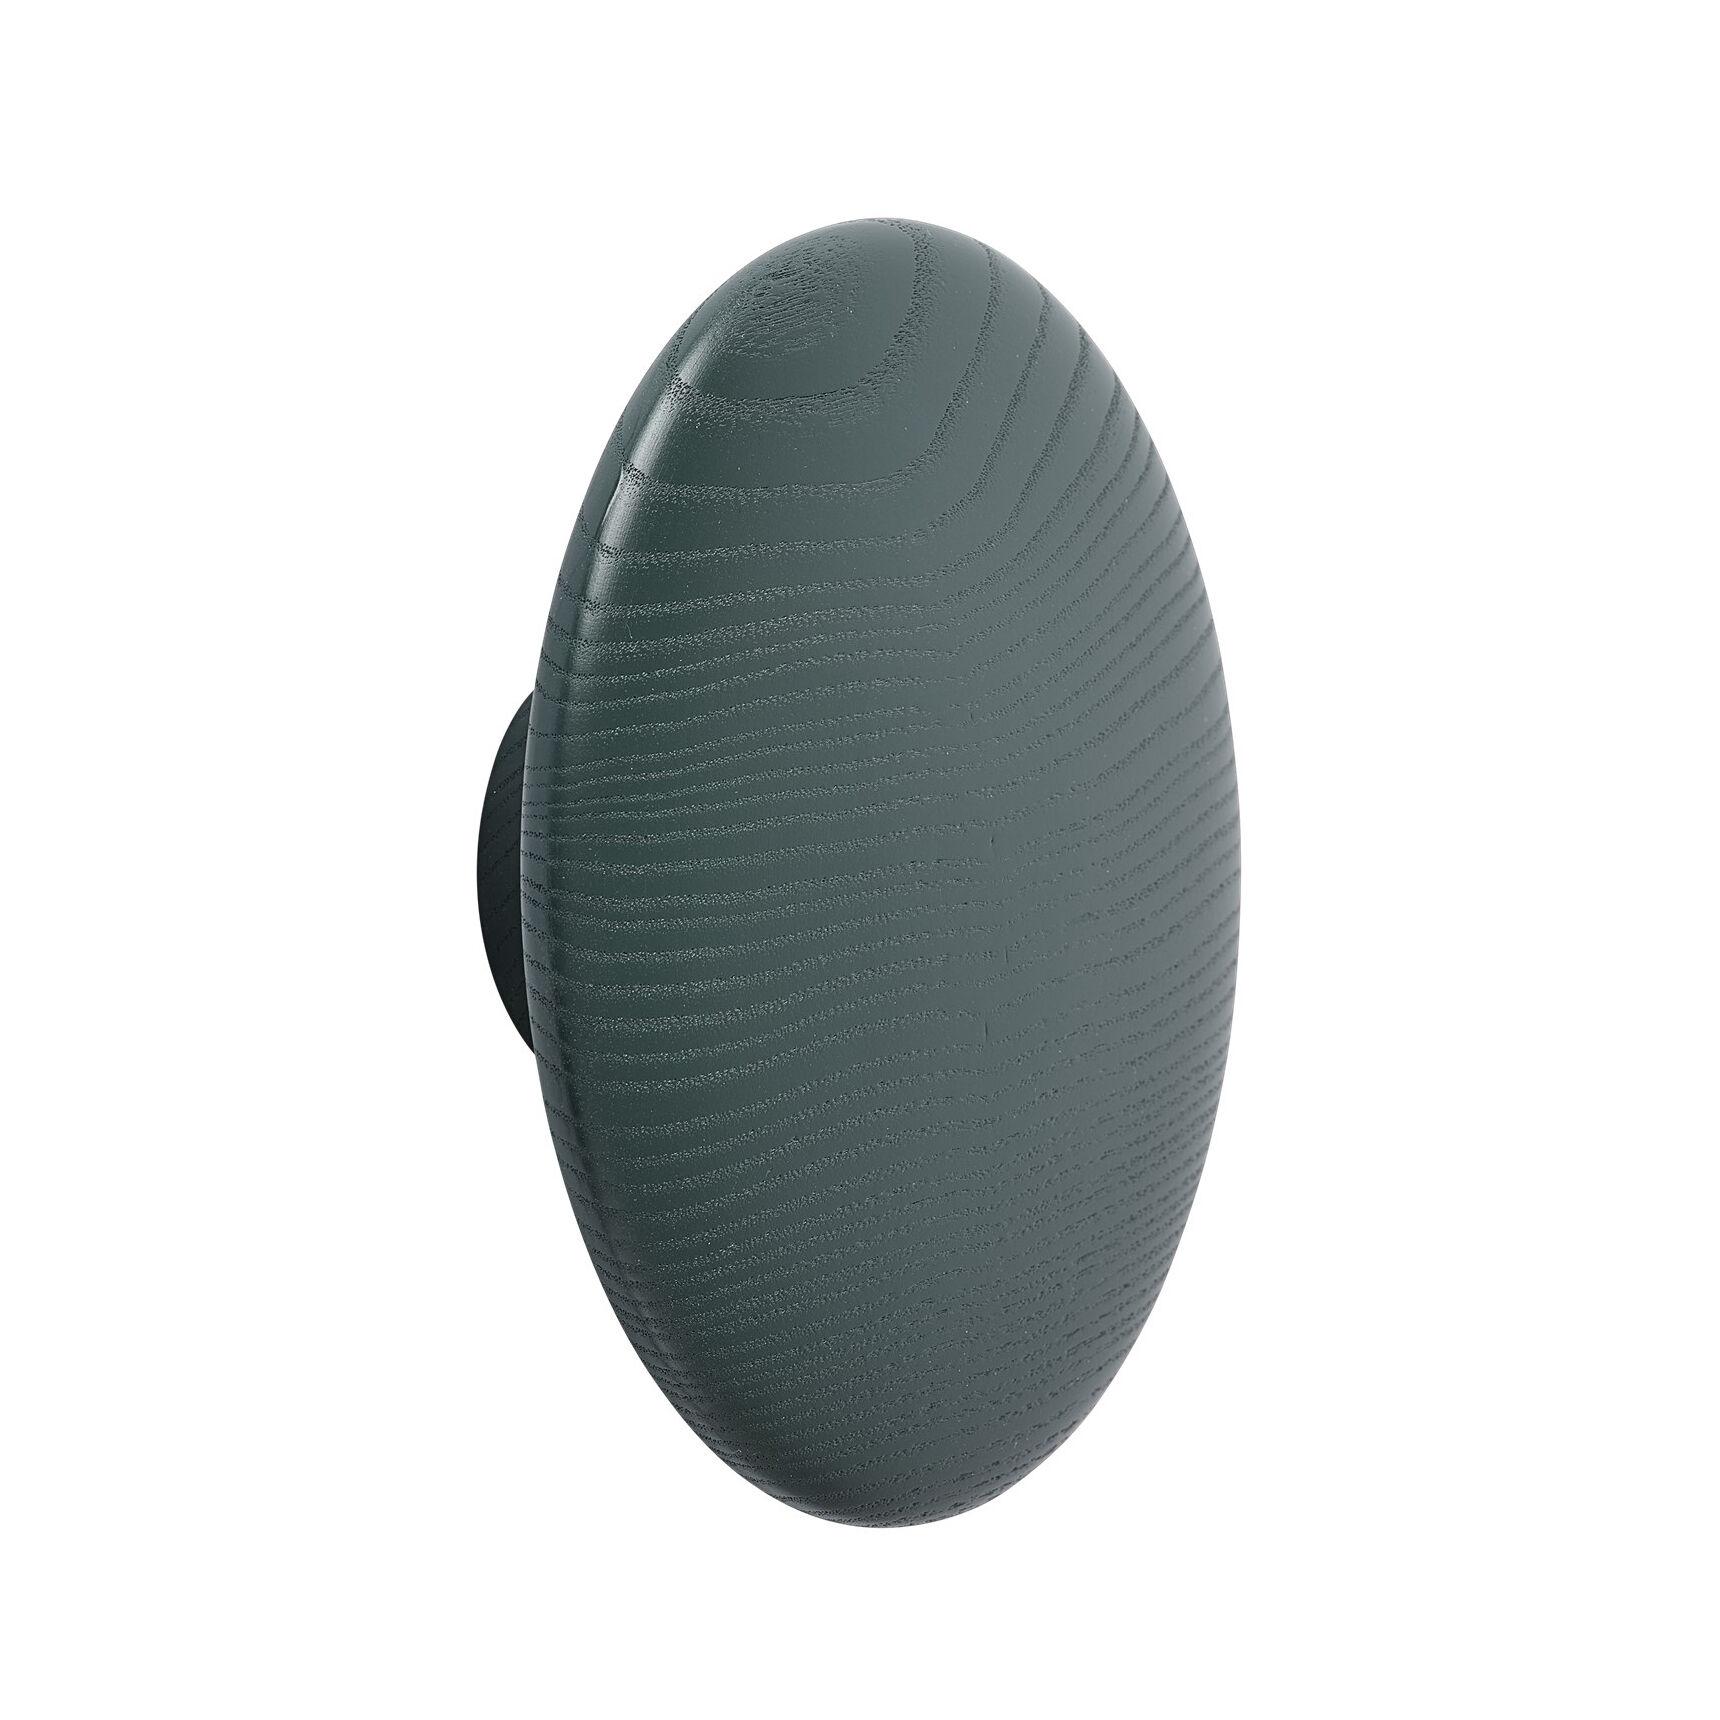 Muuto-The Dots Knagg Large, Mørk Grønn